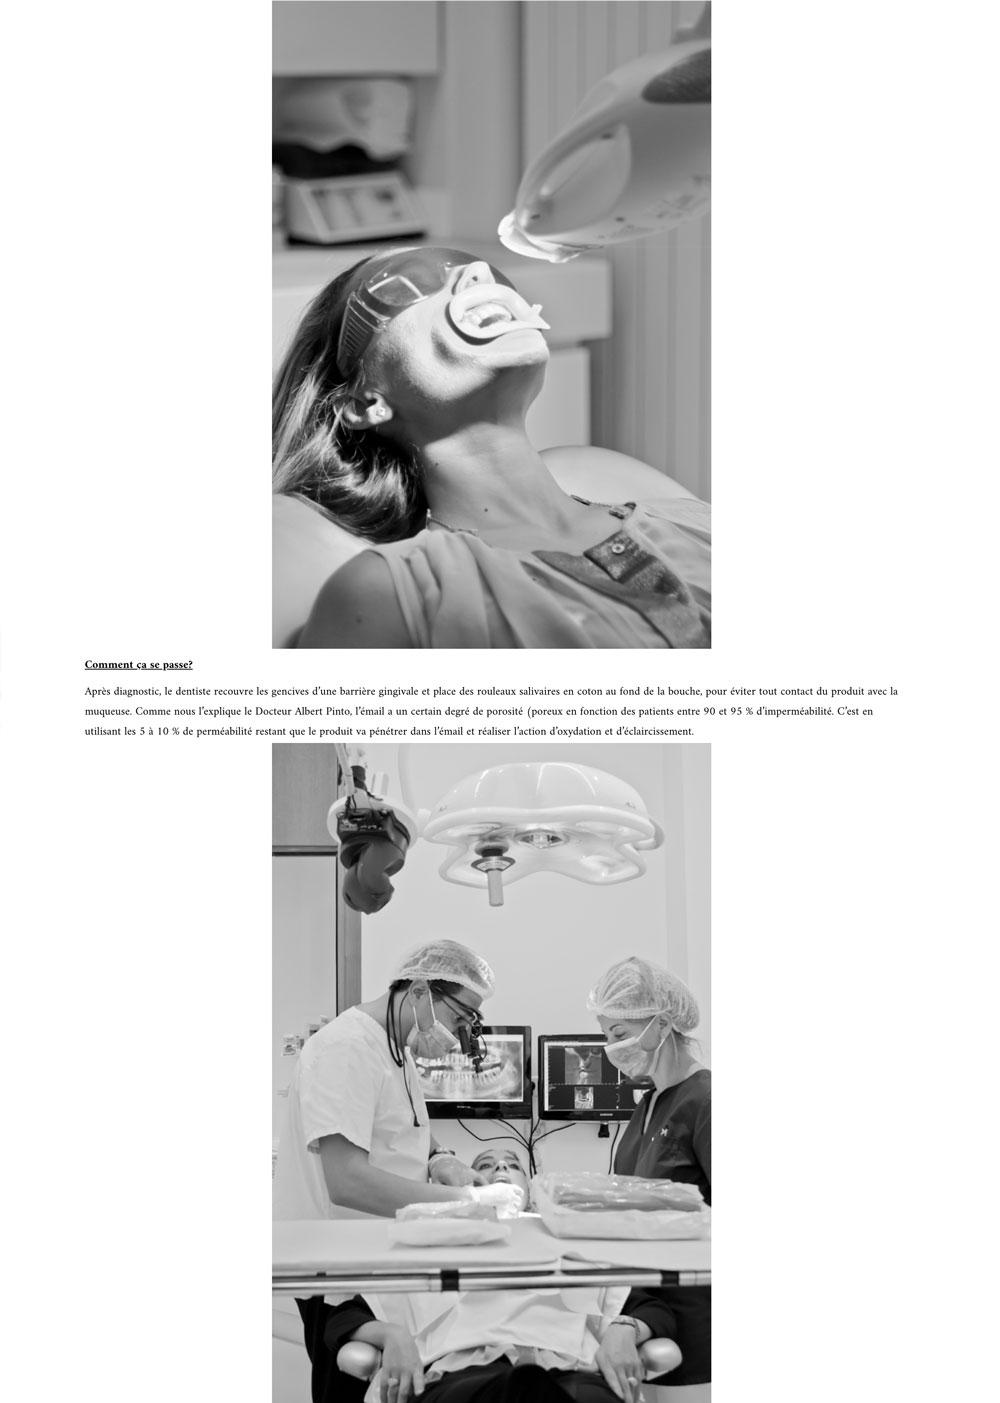 docteur-albert-pinto-luxurystylemagazine-2